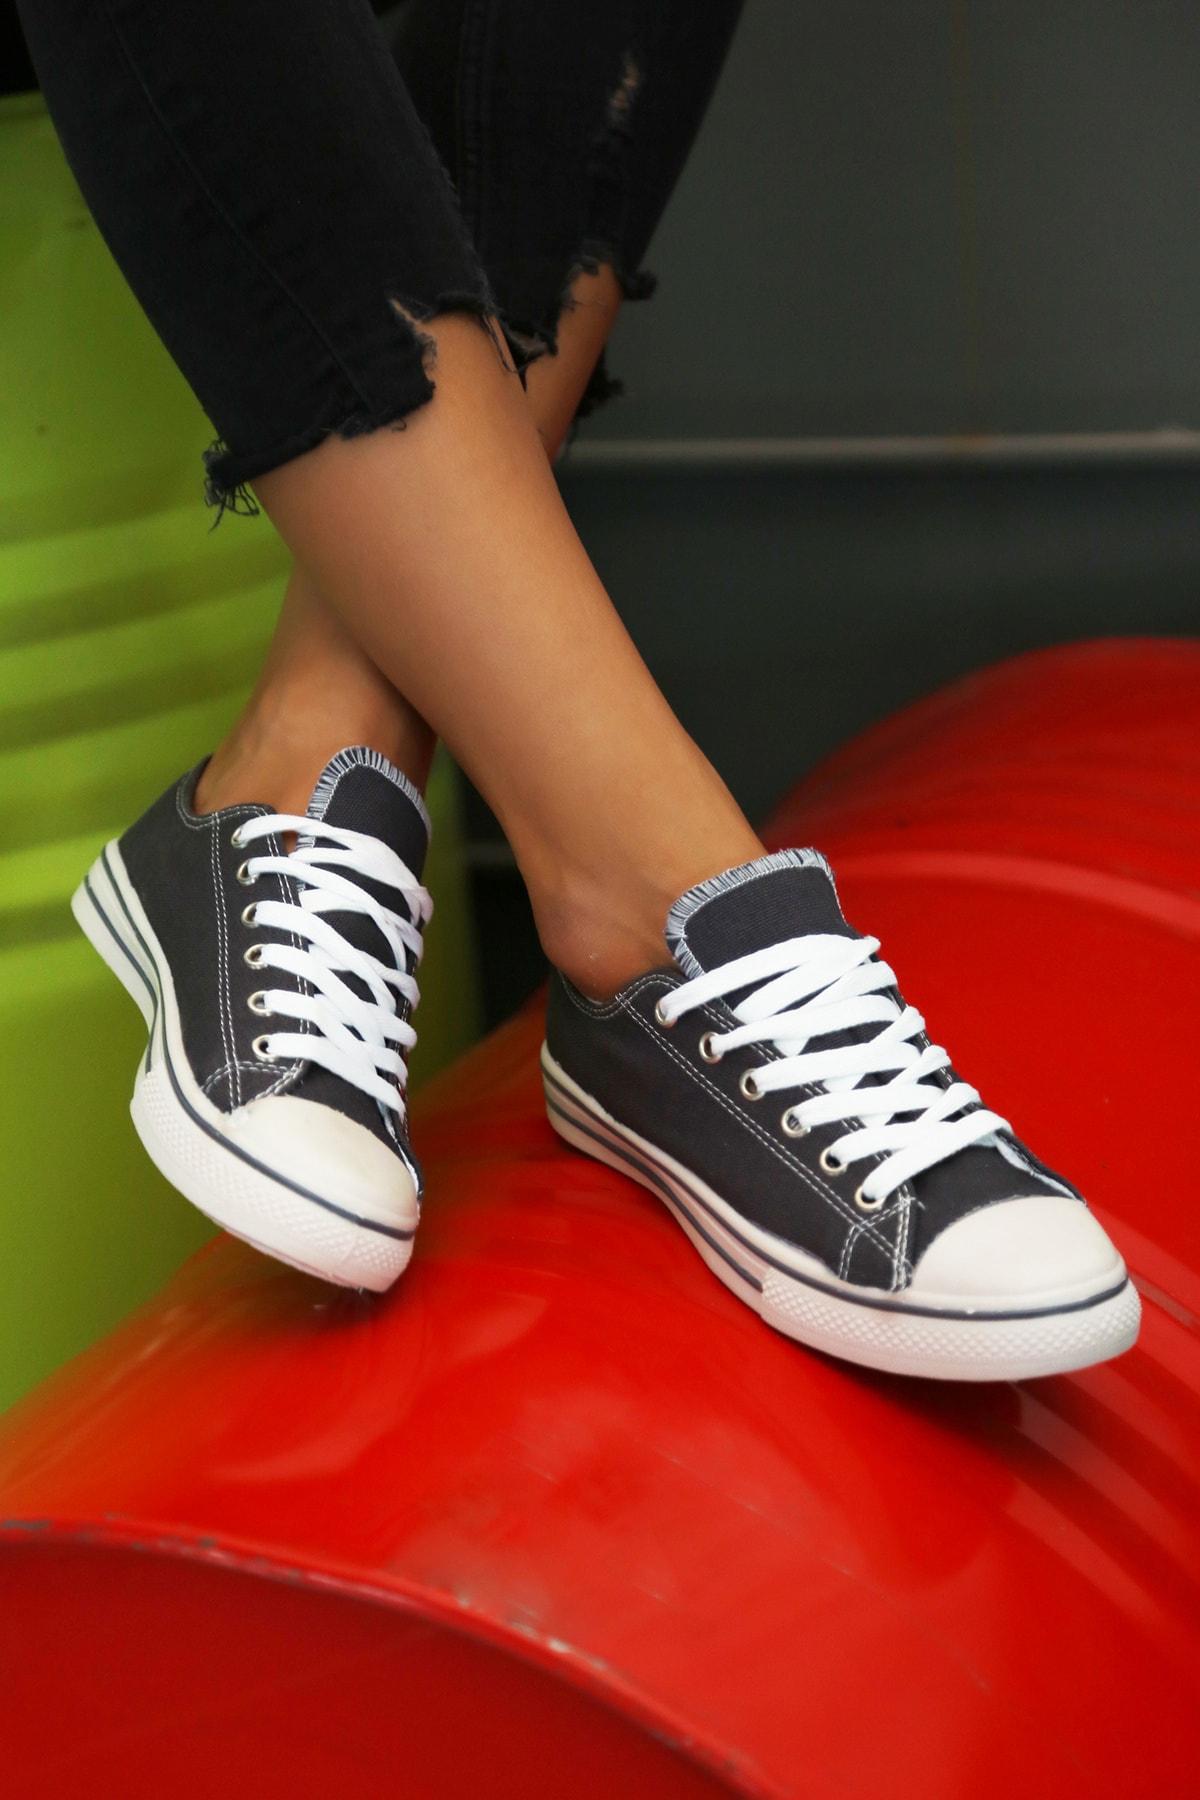 Ayakkabı Modası Füme Kadın Ayakkabı M9999-19-100165R 1